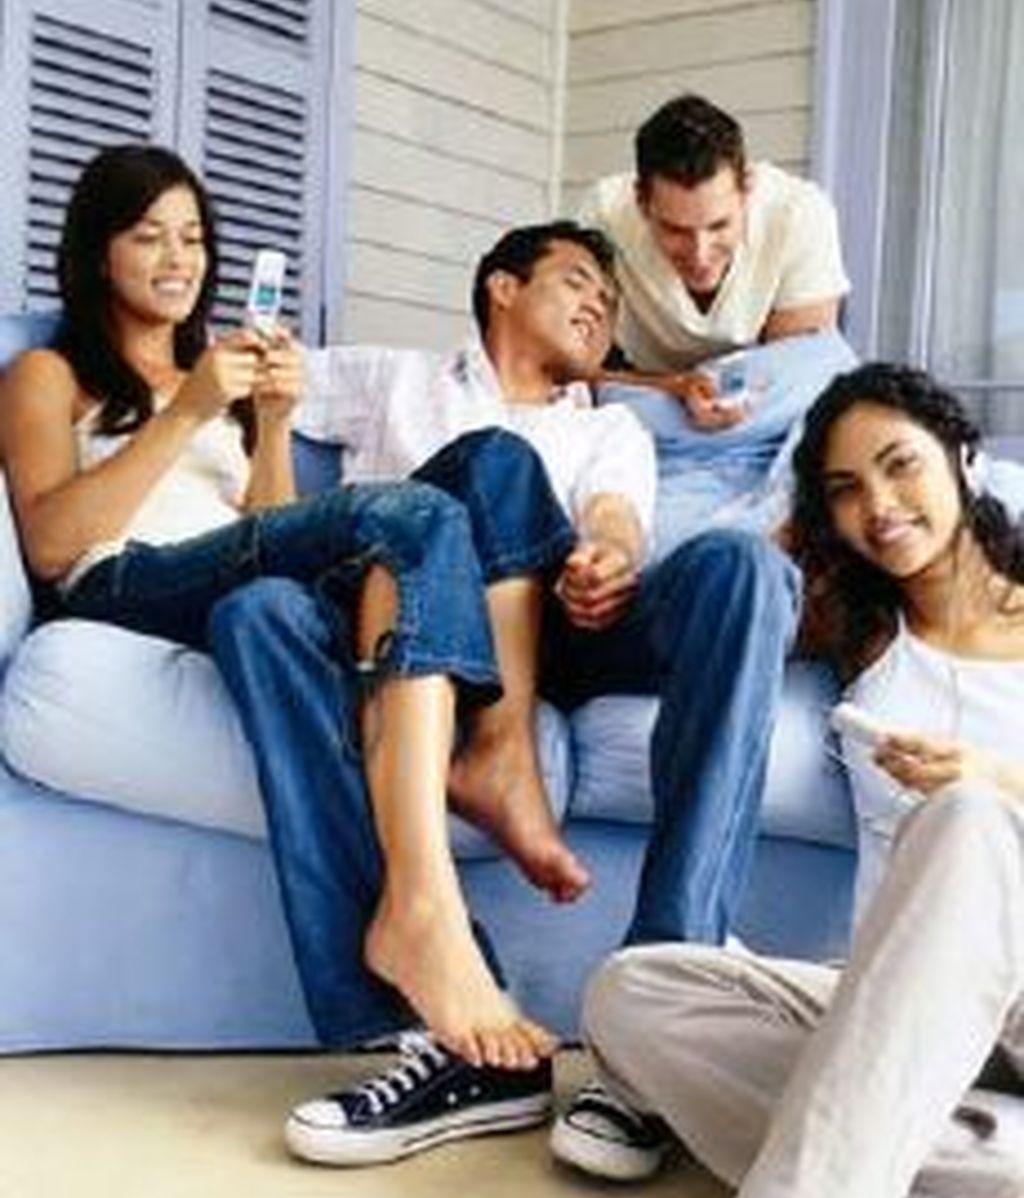 Las nuevas tecnologías provocan una dependencia similar a las de las drogas. Cuatro de cada cinco jóvenes sufren síndrome de abstinencia si carecen de móvil. Foto archivo